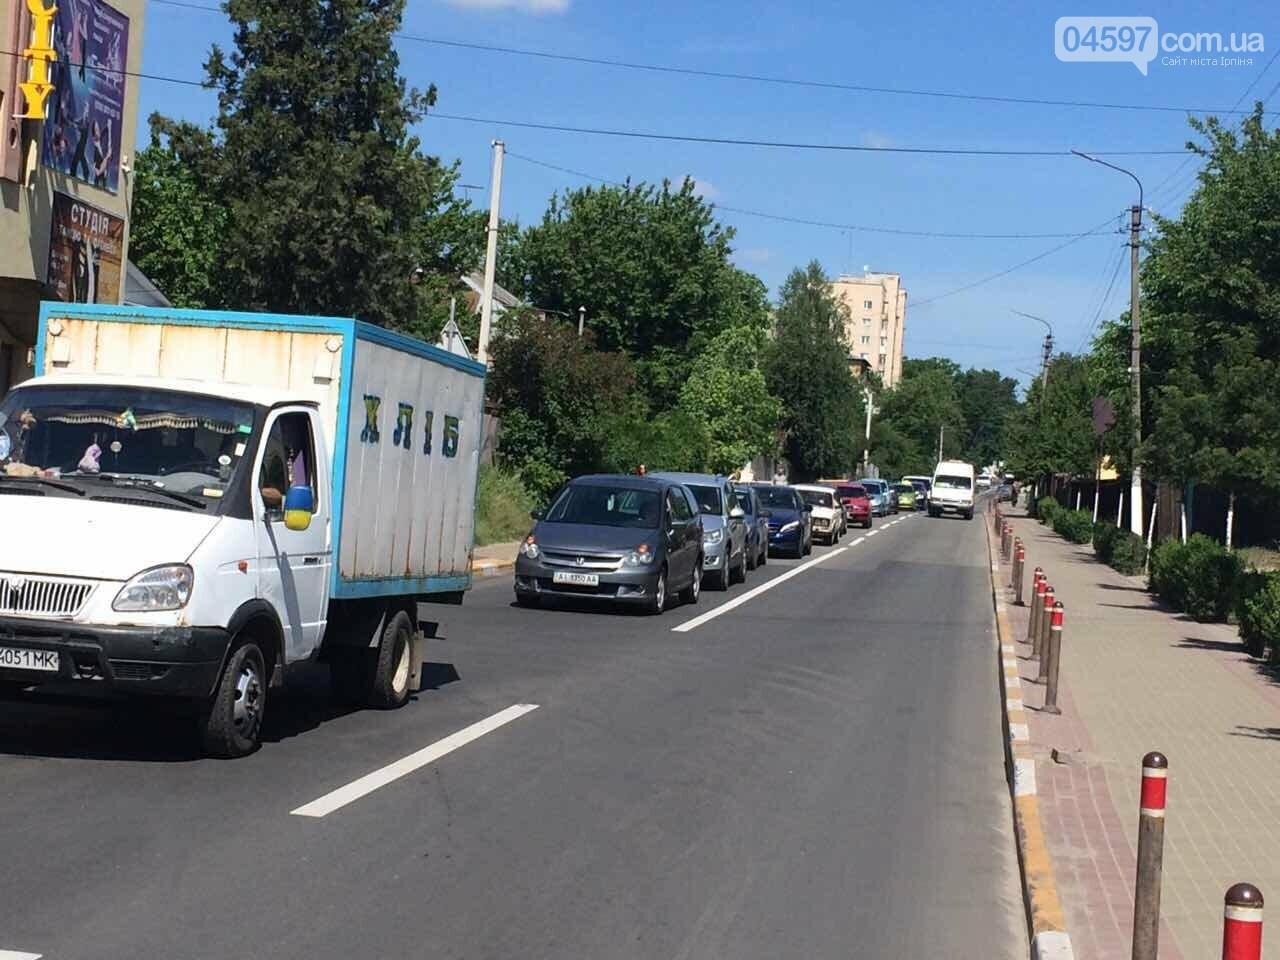 Транспортний колапс у Бучі: водії стояли годину в черзі на переїзд, фото-3